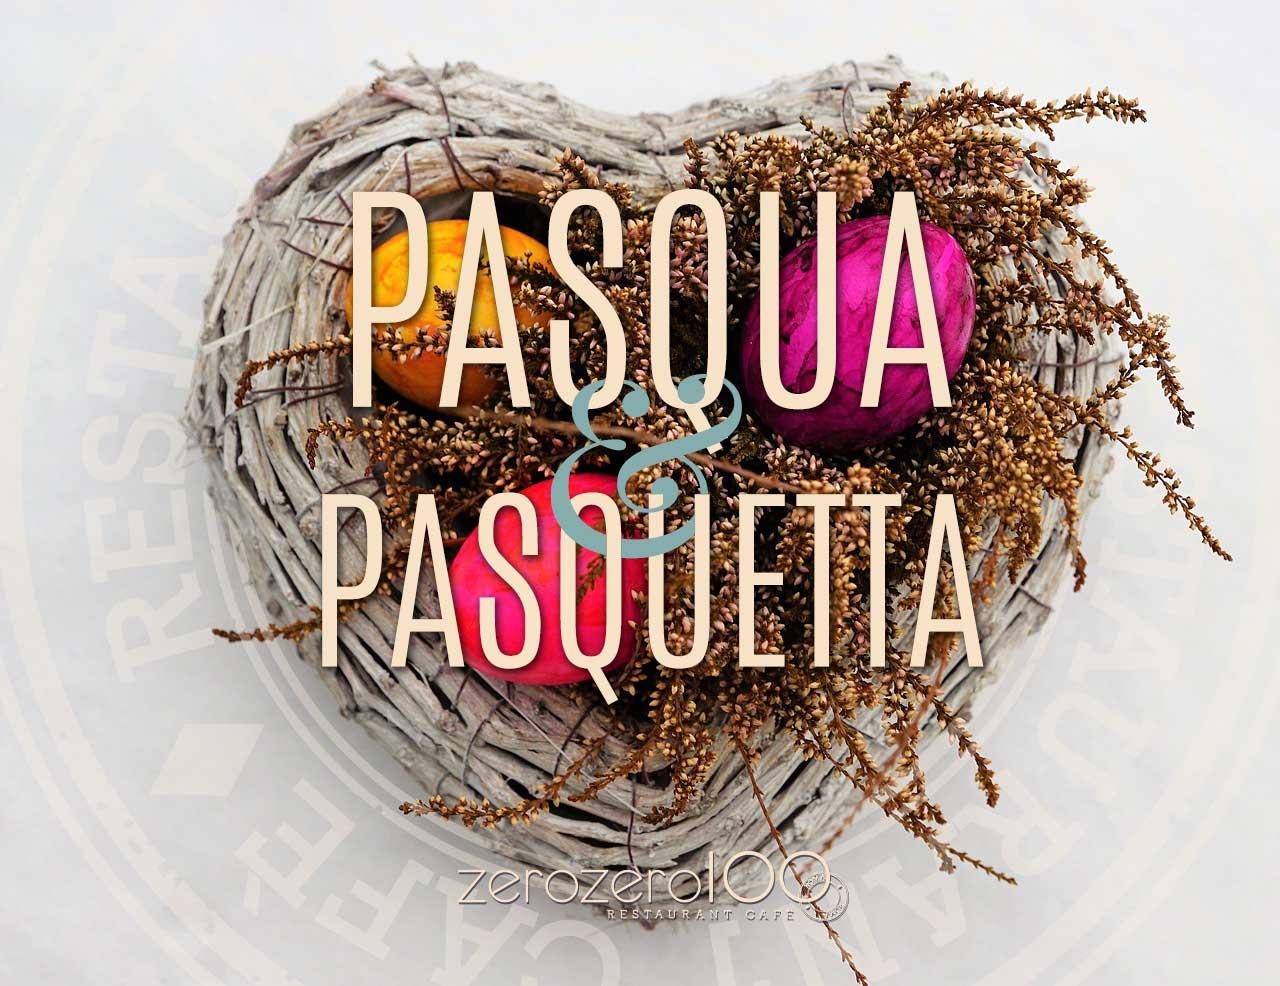 ristorante 00100 Pasqua e Pasquetta 2018